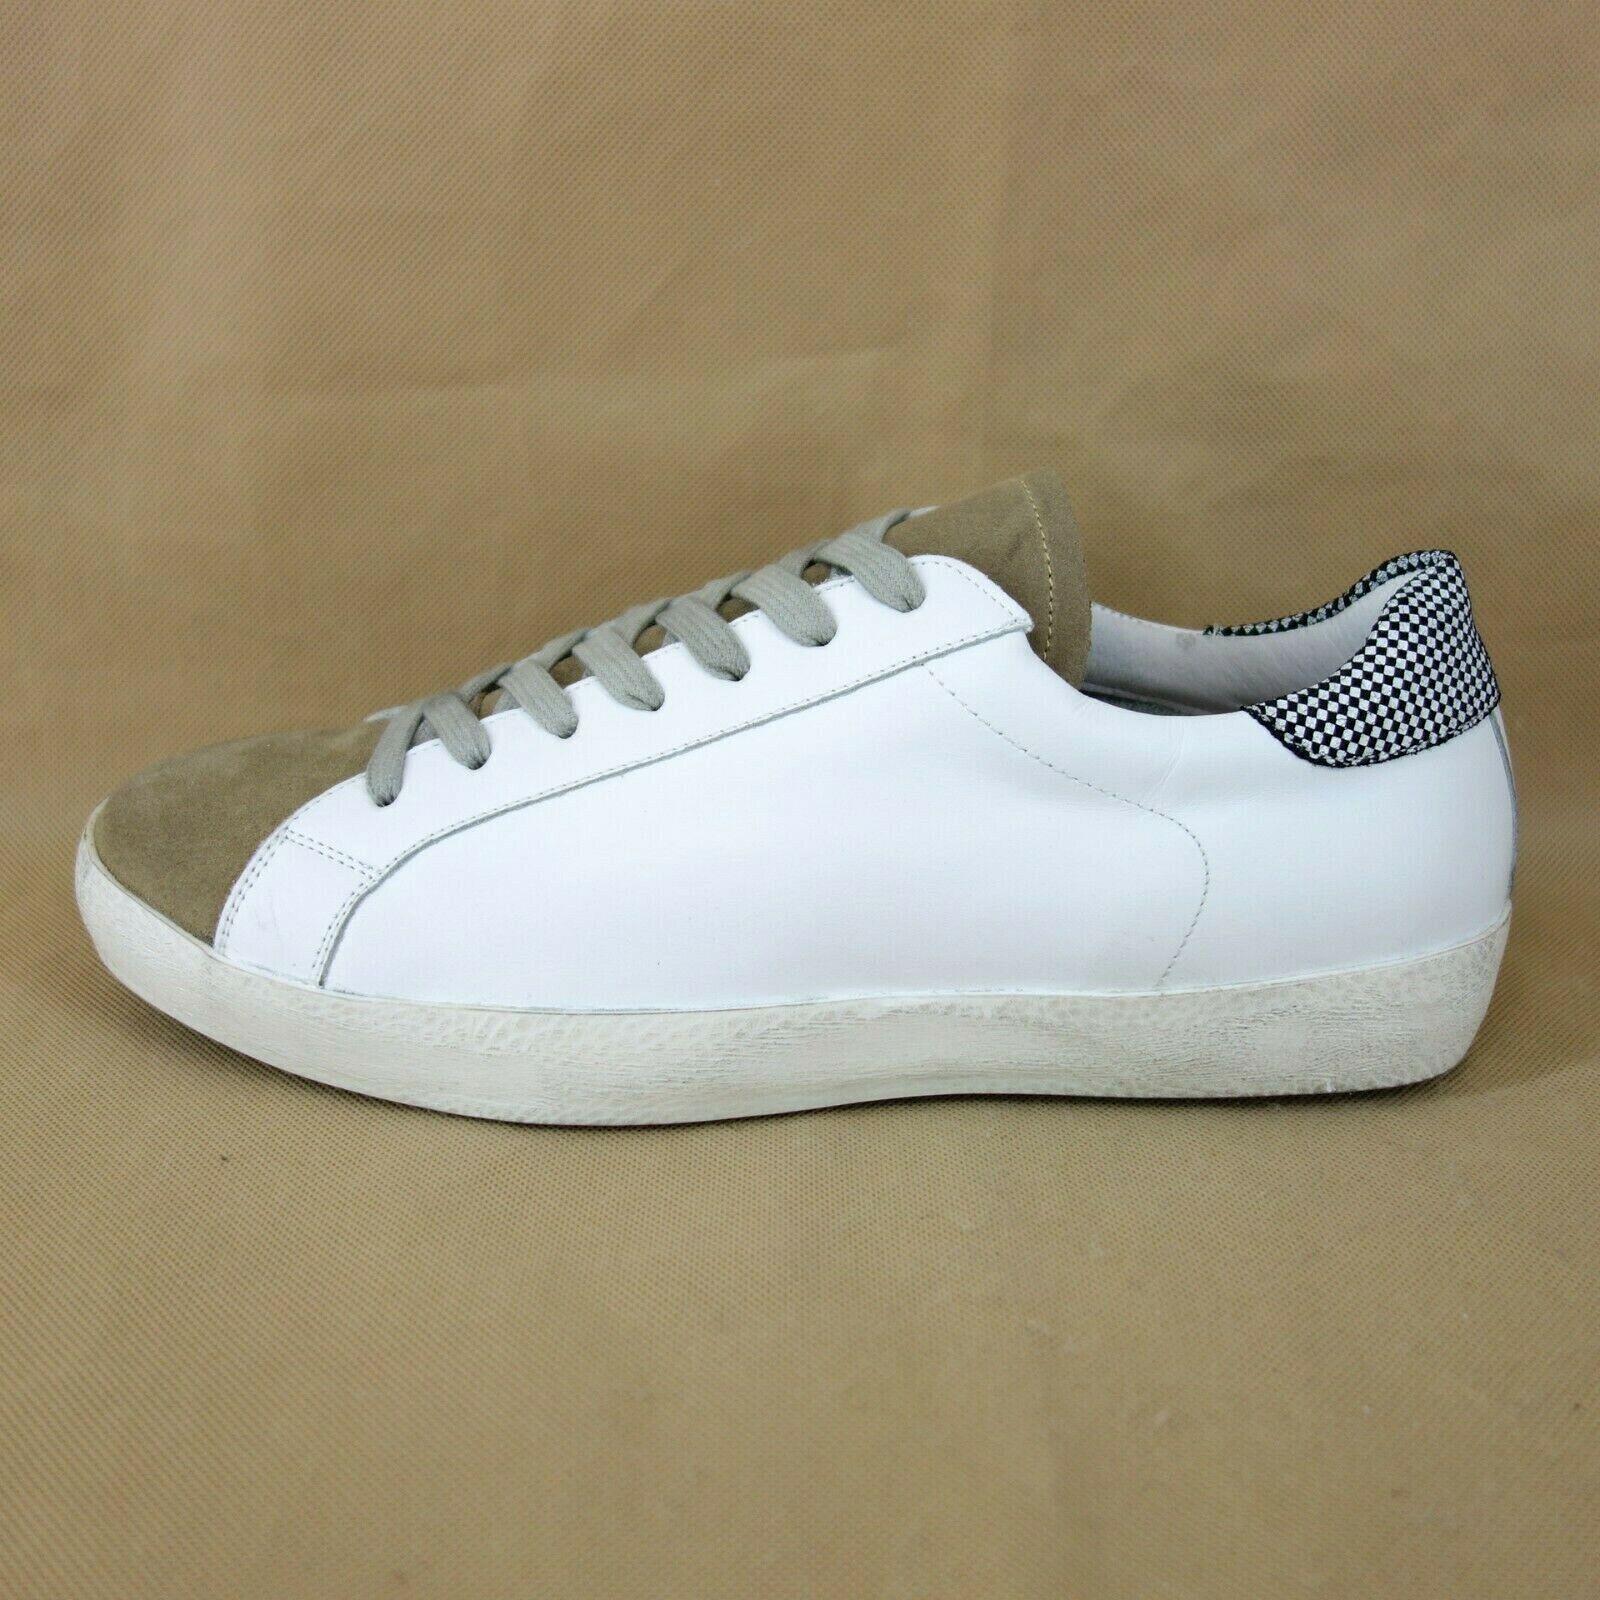 Meline Méliné Men's Shoes Sports Shoe Sneaker Leather White Braun New